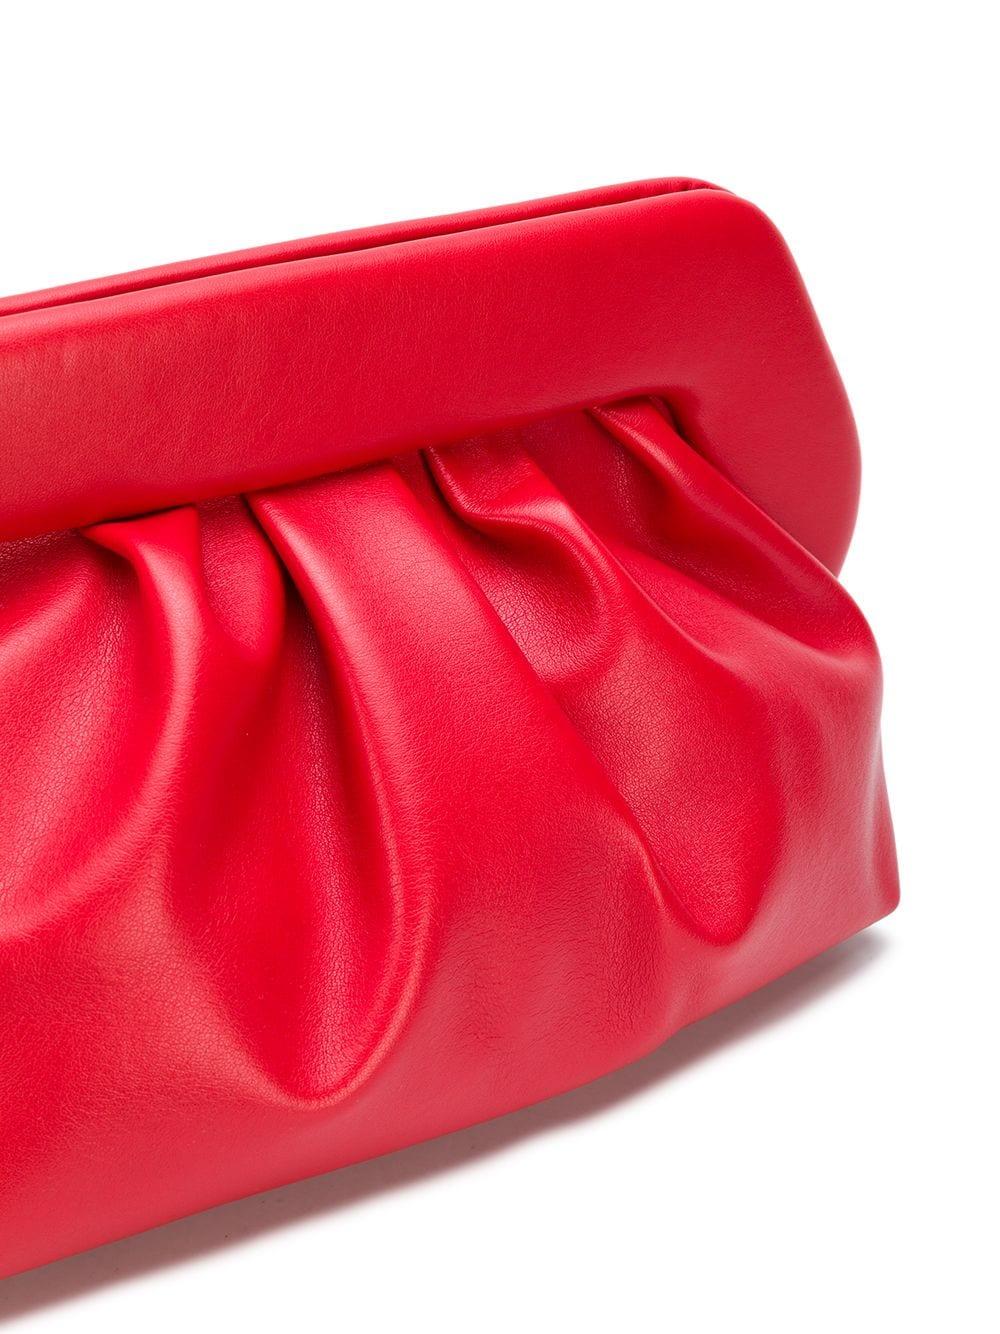 Bios Leather Clutch